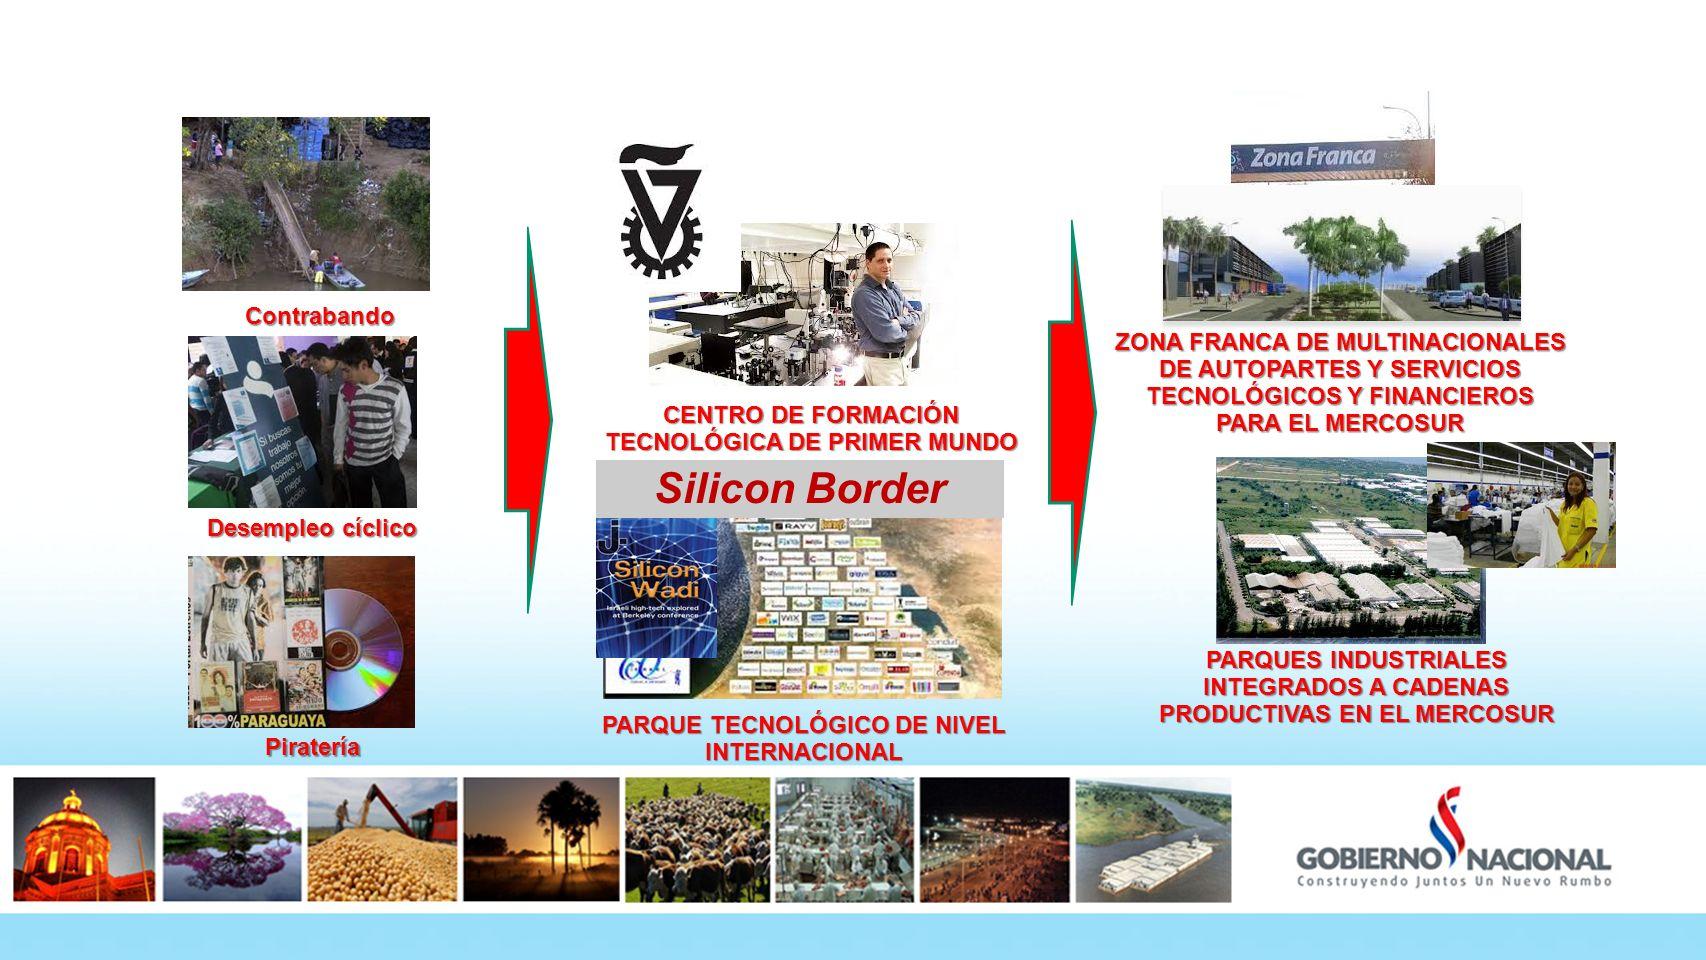 Fronteras 180º PARQUE TECNOLÓGICO DE NIVEL INTERNACIONAL CENTRO DE FORMACIÓN TECNOLÓGICA DE PRIMER MUNDO ZONA FRANCA DE MULTINACIONALES DE AUTOPARTES Y SERVICIOS TECNOLÓGICOS Y FINANCIEROS PARA EL MERCOSUR PARQUES INDUSTRIALES INTEGRADOS A CADENAS PRODUCTIVAS EN EL MERCOSUR Contrabando Desempleo cíclico Piratería Silicon Border